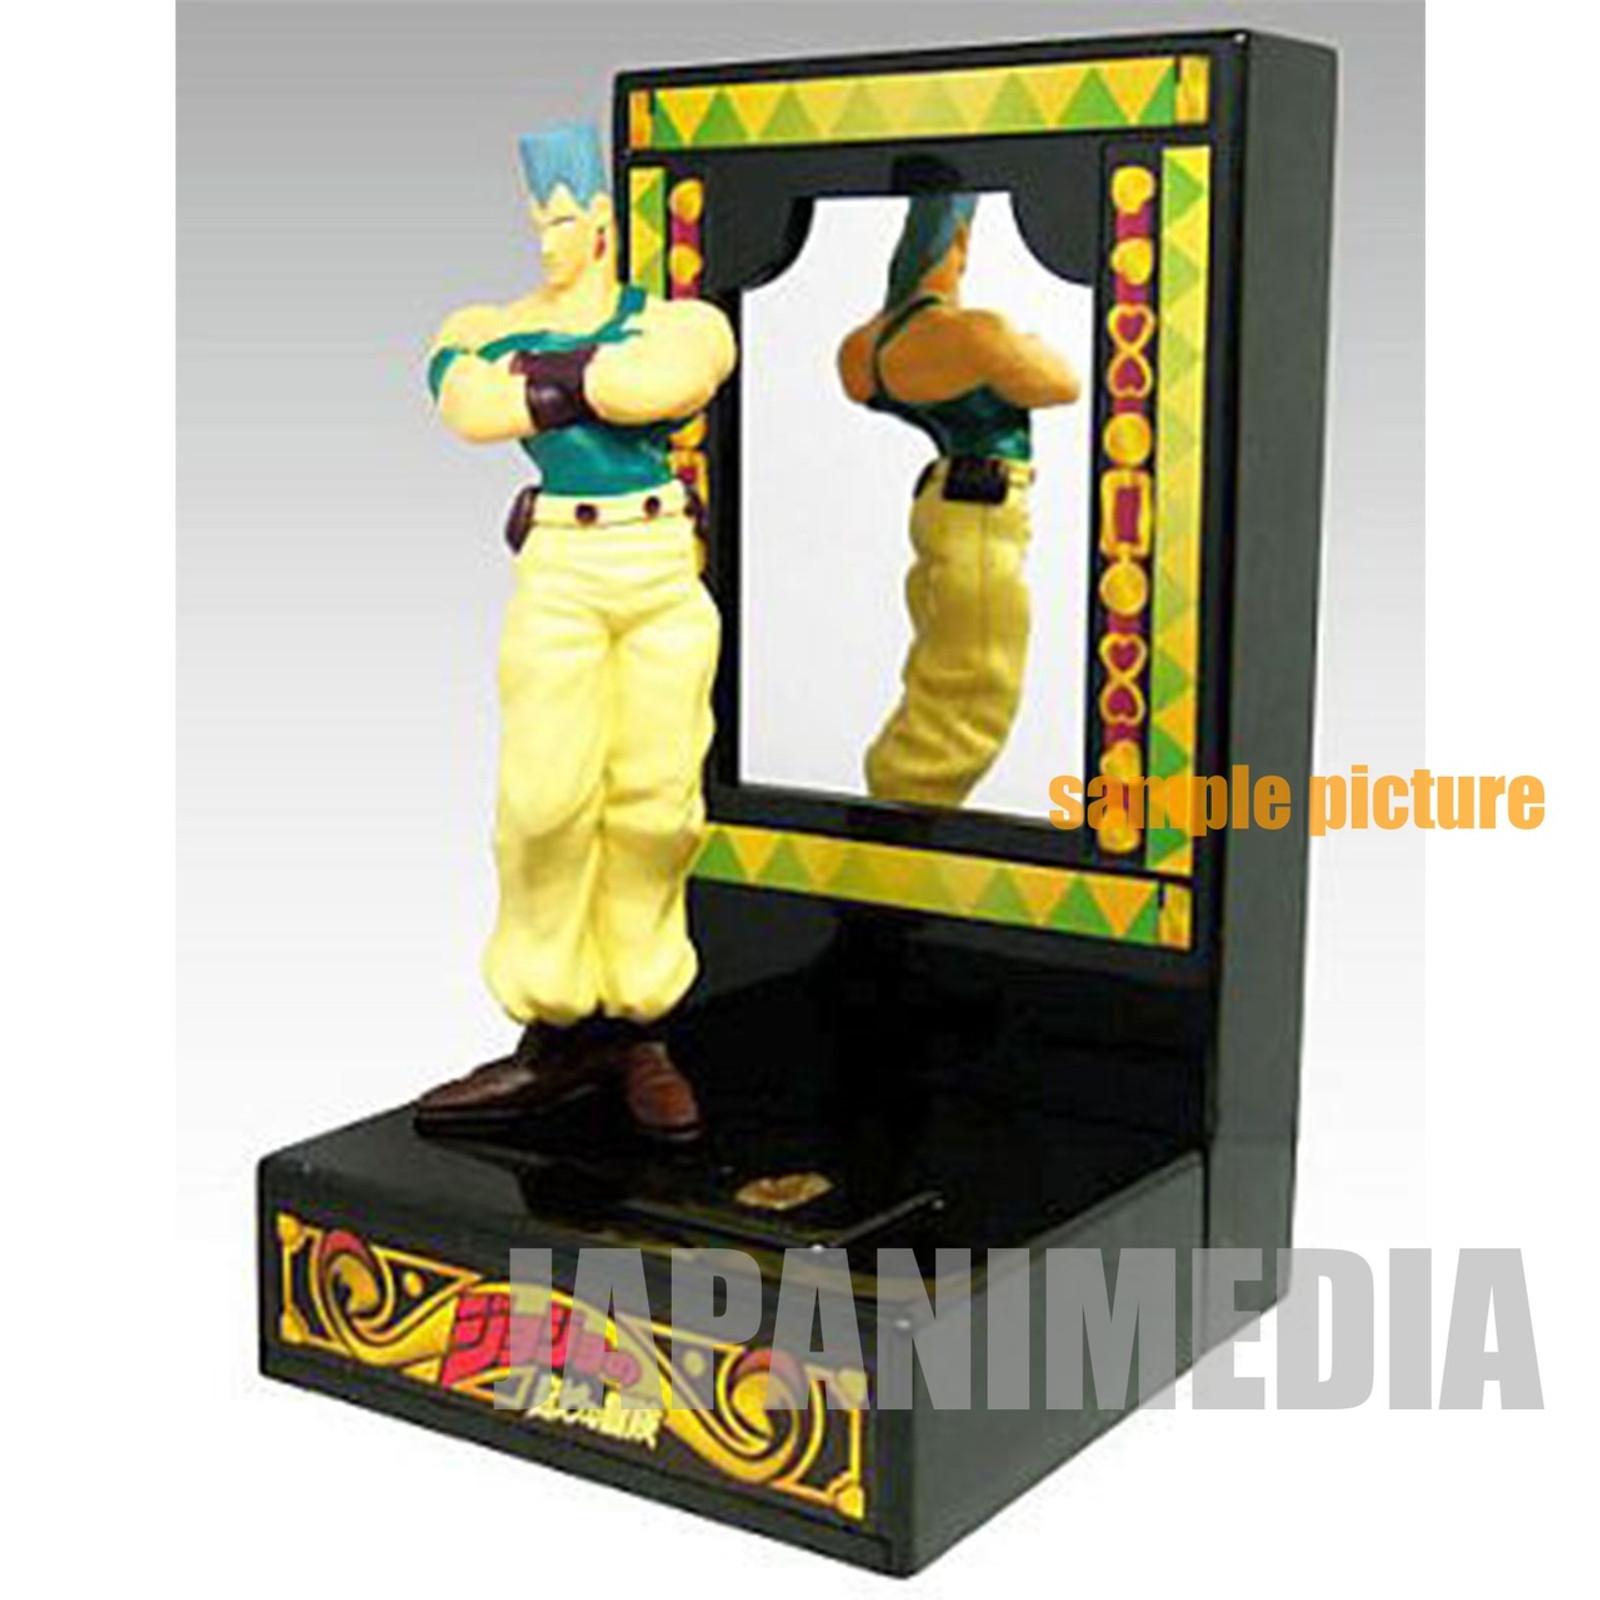 Jojo's Bizarre Adventure Polnareff Mirror & Figure JAPAN ANIME